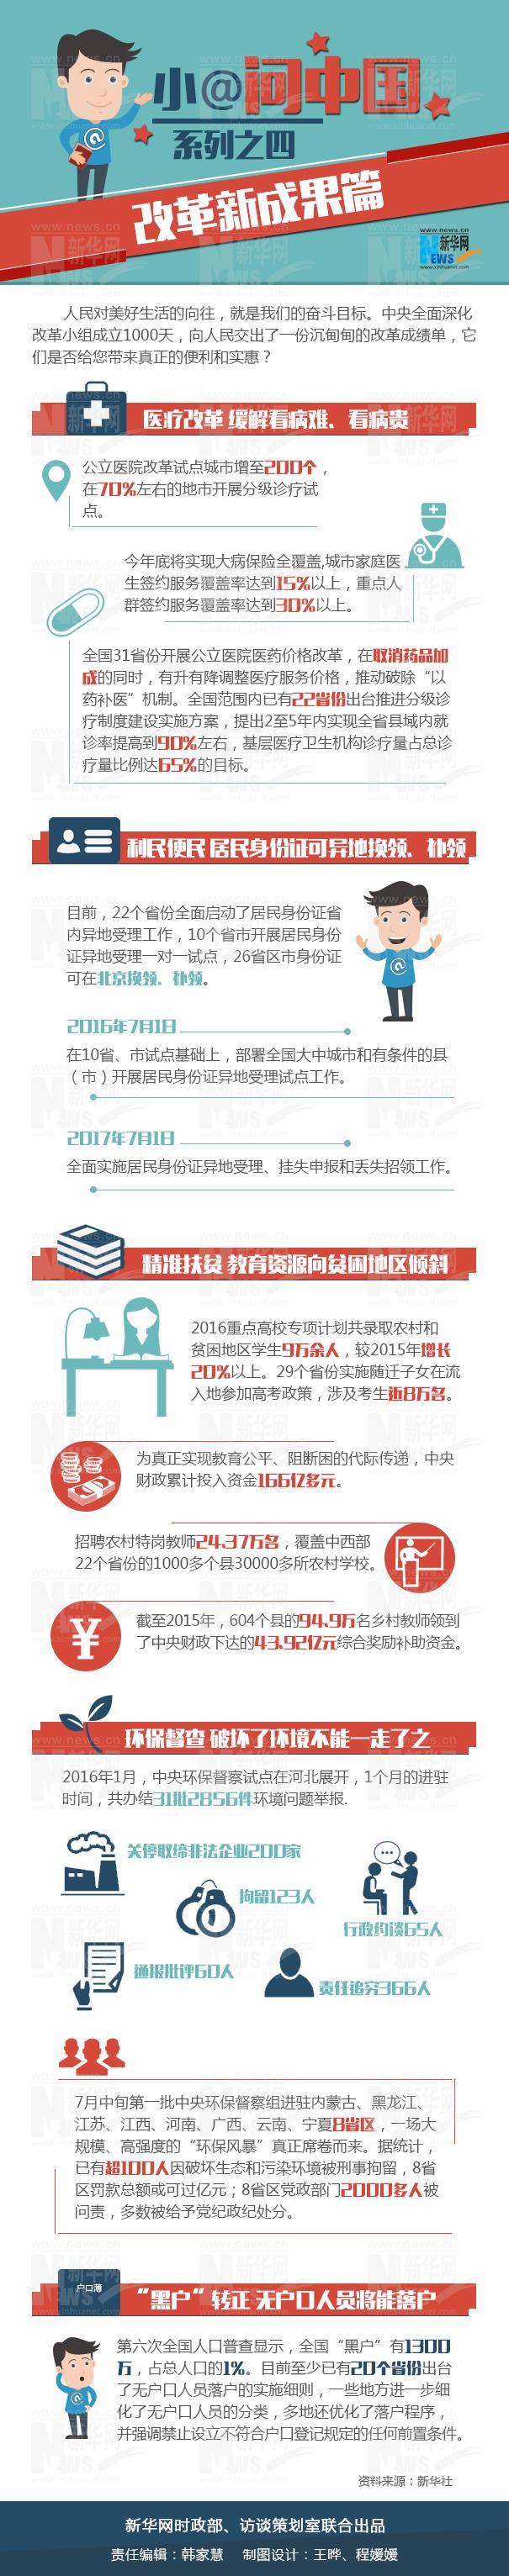 小@问中国之四·改革新成果篇